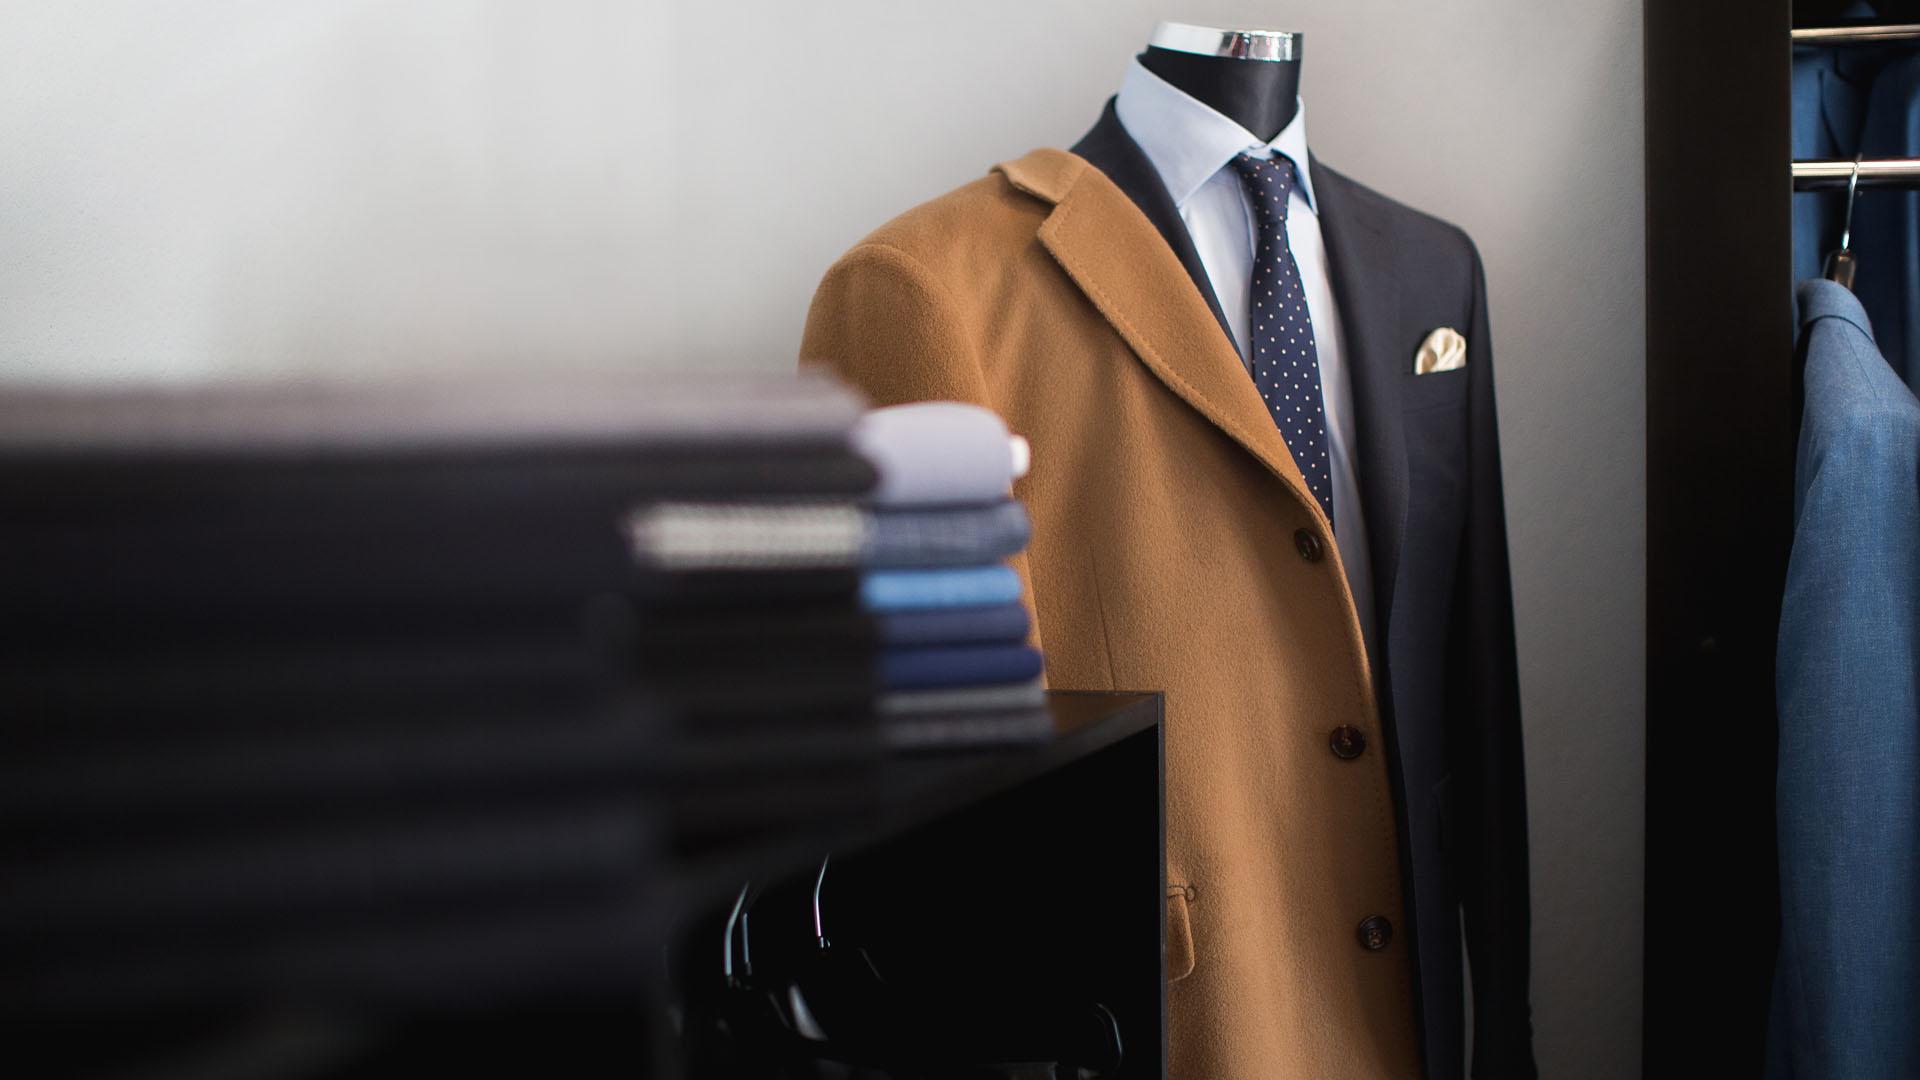 """9bc7c9c603a4e Pamiętajmy, że ubiór pracowników stał się jedną z fundamentalnych  składowych strategii marketingowej wielu firm, dlatego też w myśl  przysłowia """"Jak Cię ..."""